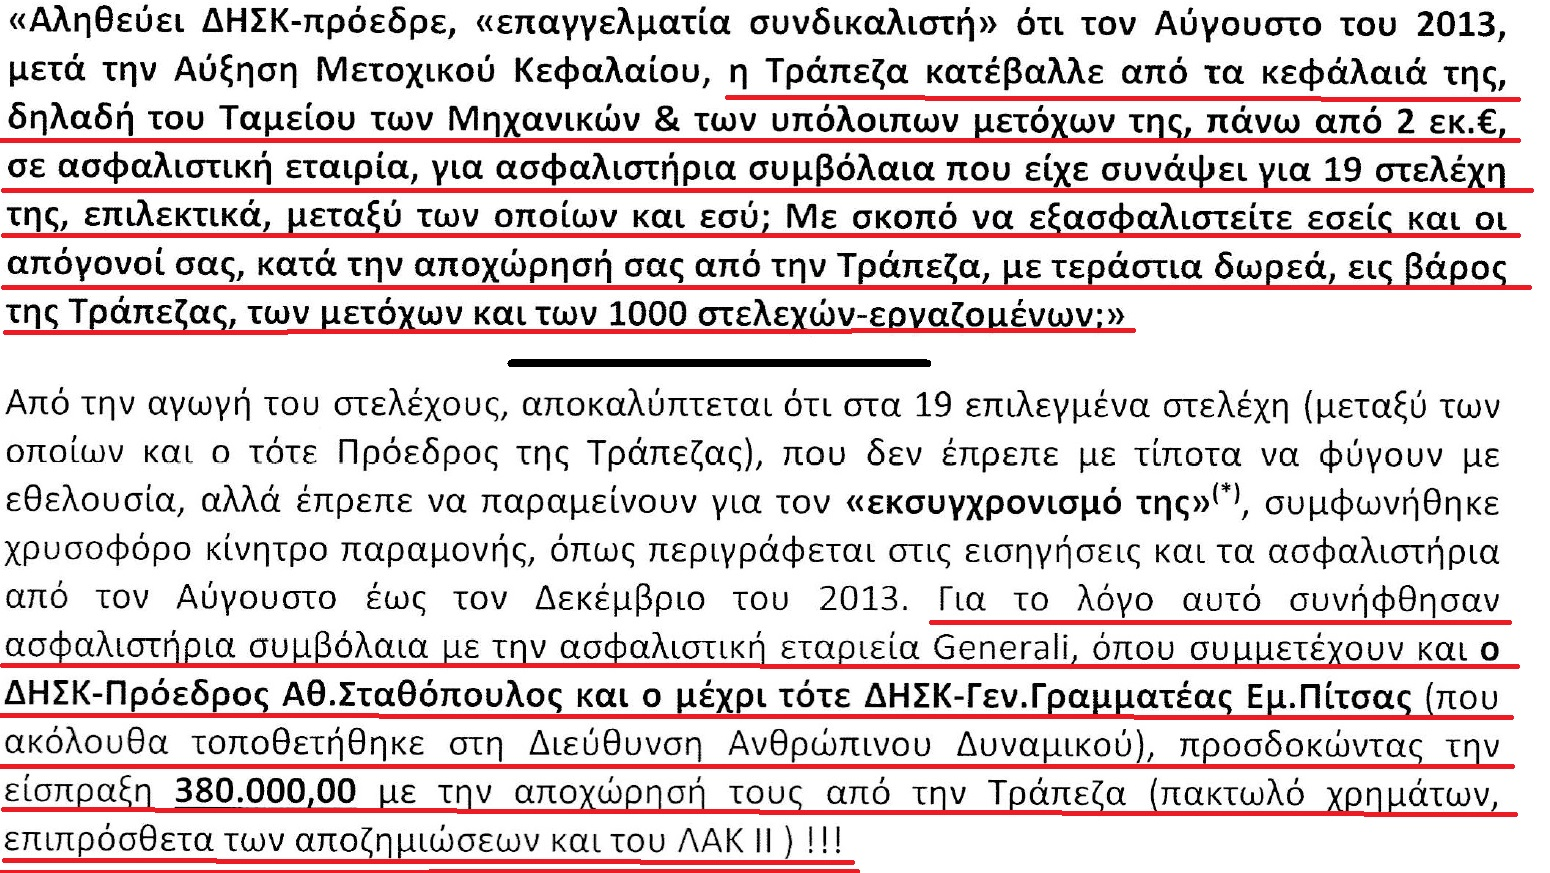 Τεράστιο ασφαλιστικό συμβόλαιο σε συνδικαλιστές και στελέχη της Attica bank, πριν την απόλυση τους